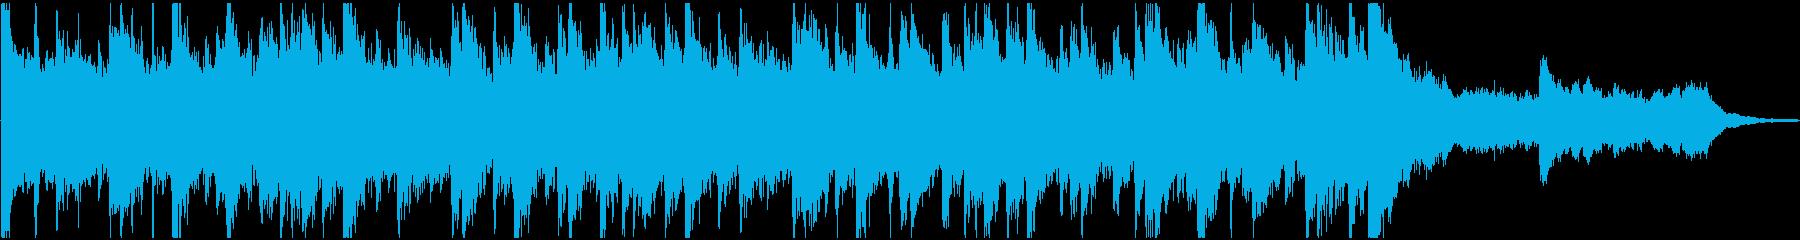 シタールなどインド楽器のサウンドロゴの再生済みの波形